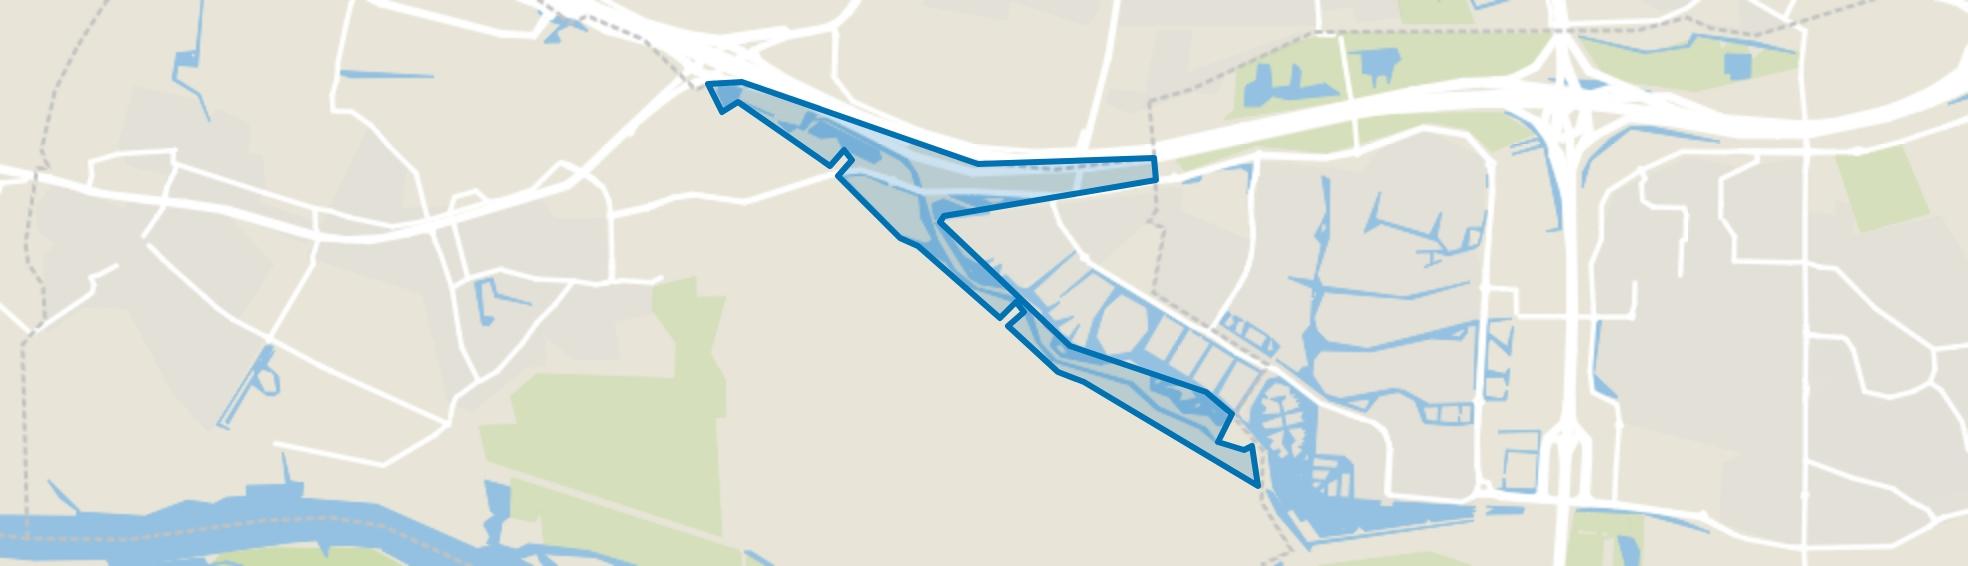 Portland-Koedoodzone, Rhoon map